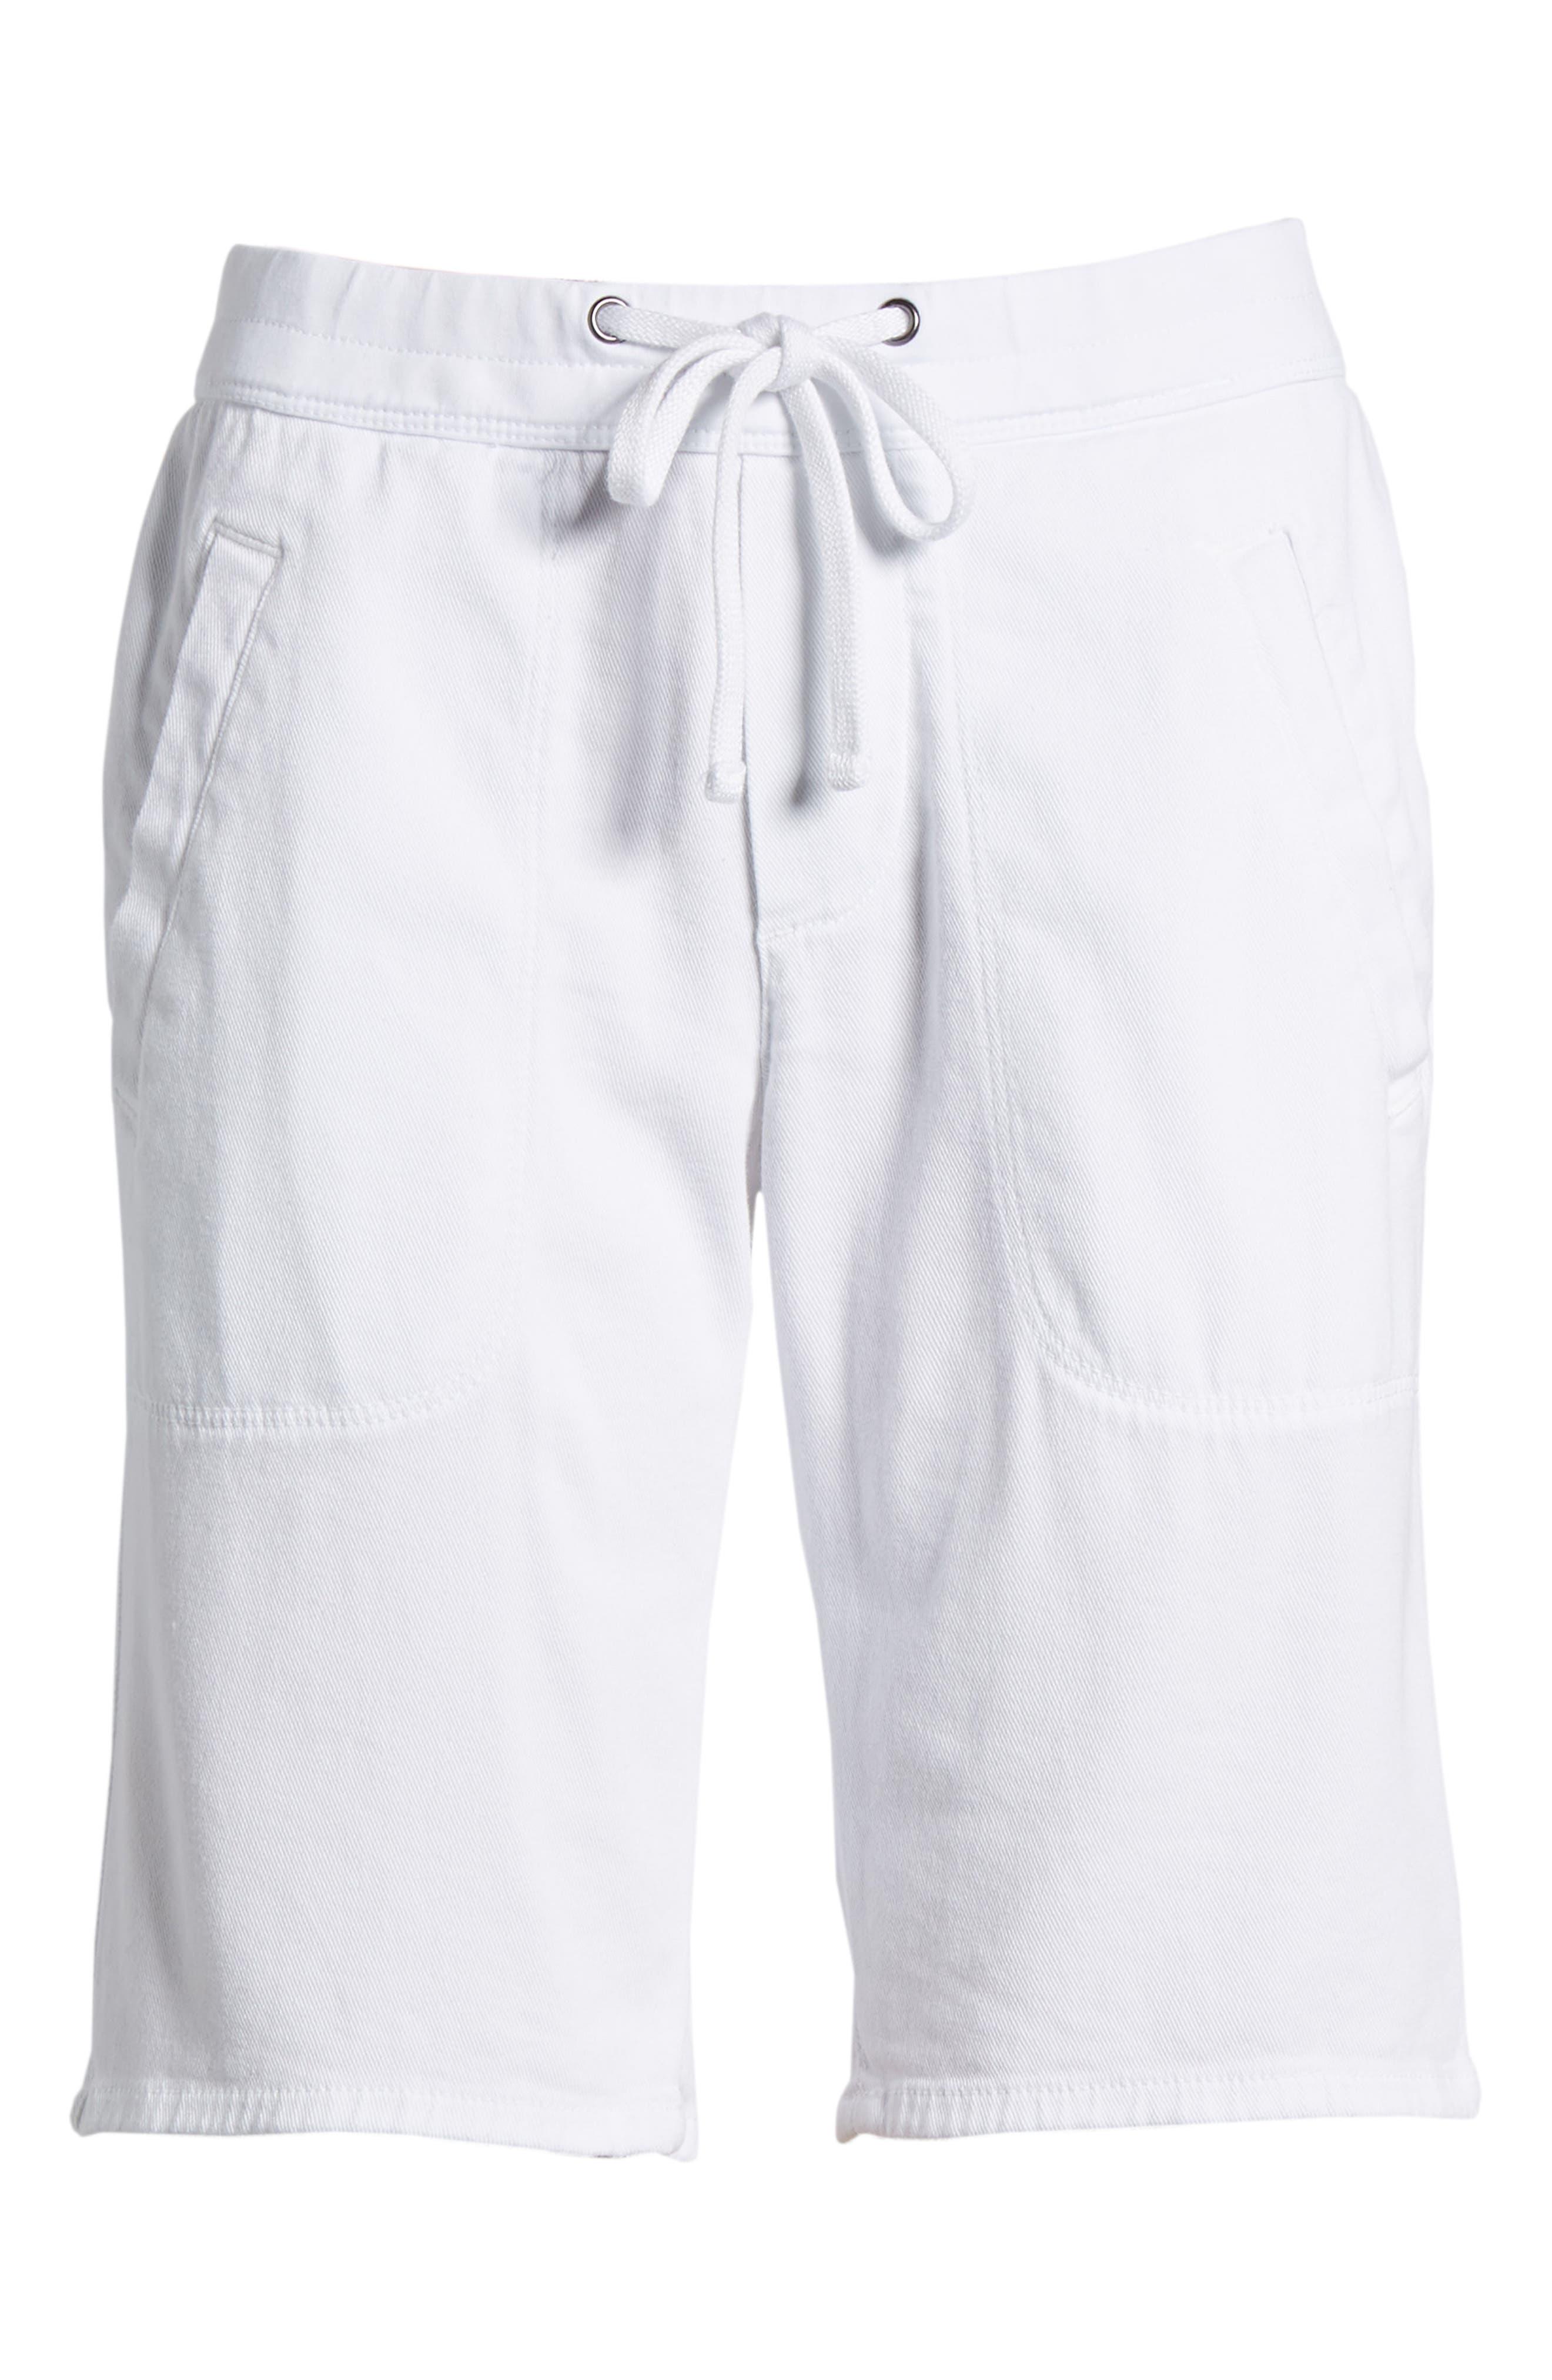 Soft Drape Utility Shorts,                             Main thumbnail 1, color,                             White